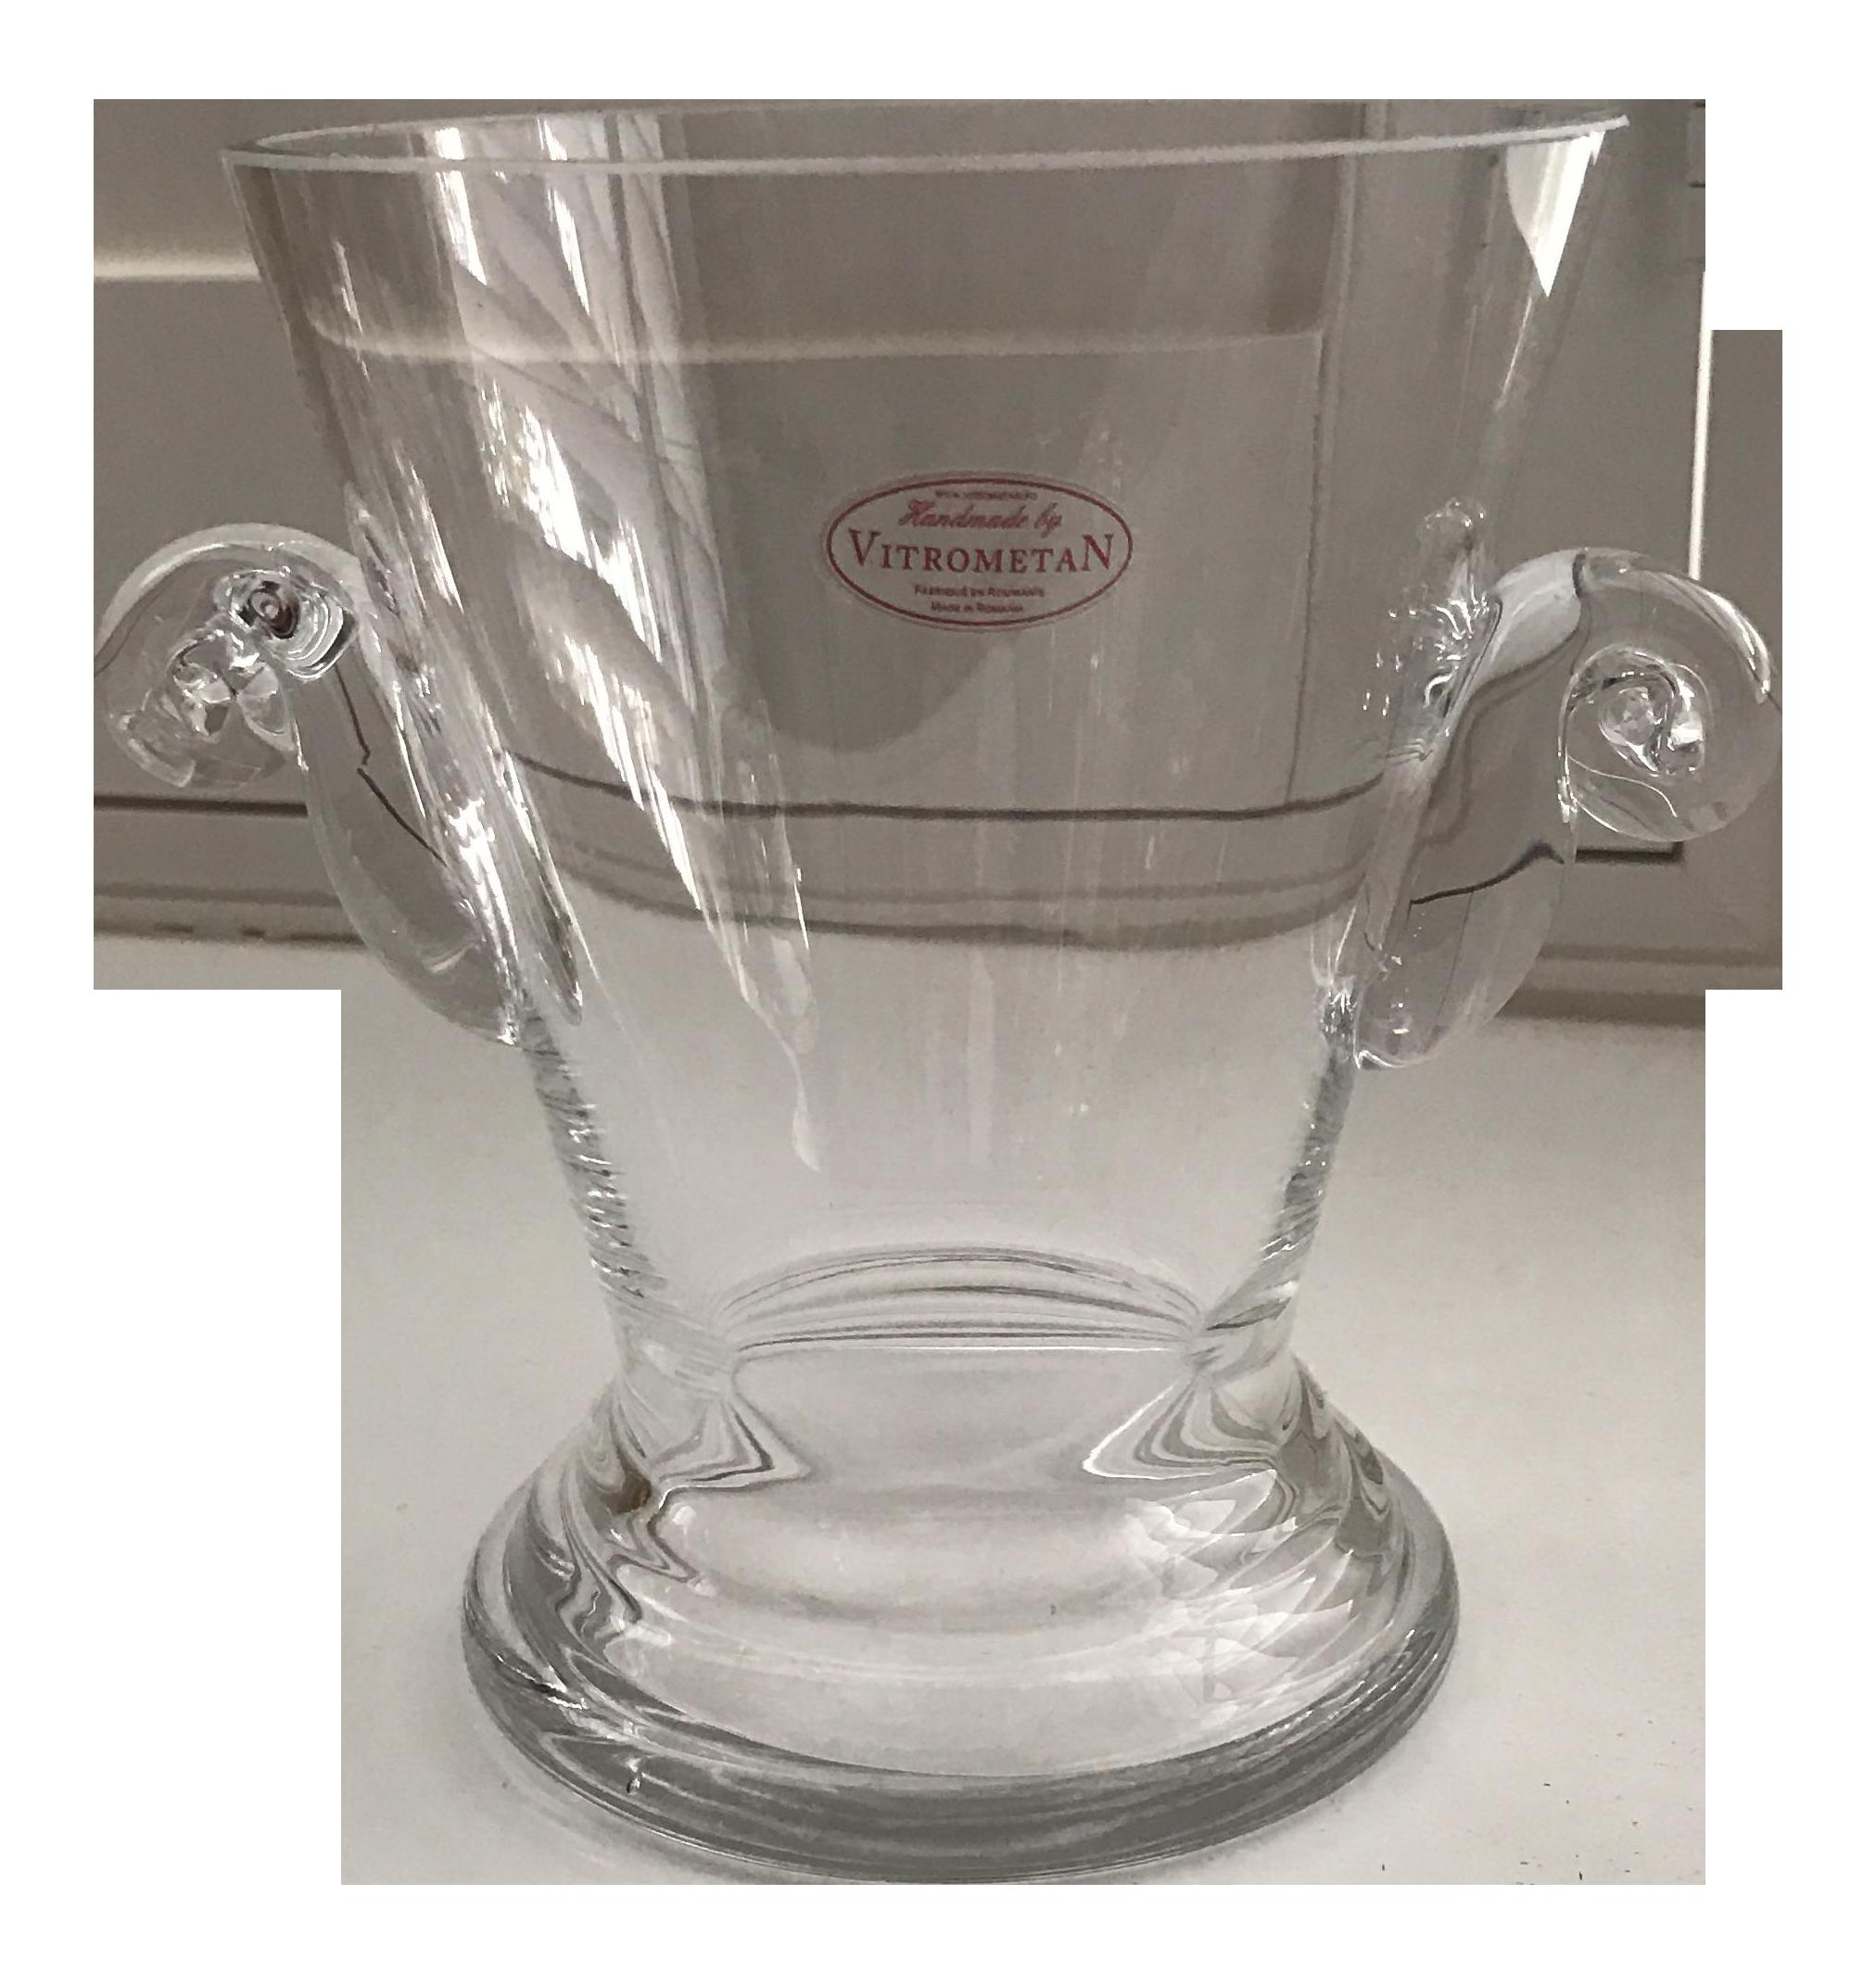 Vintage Vitrometan Ice Bucket Chairish